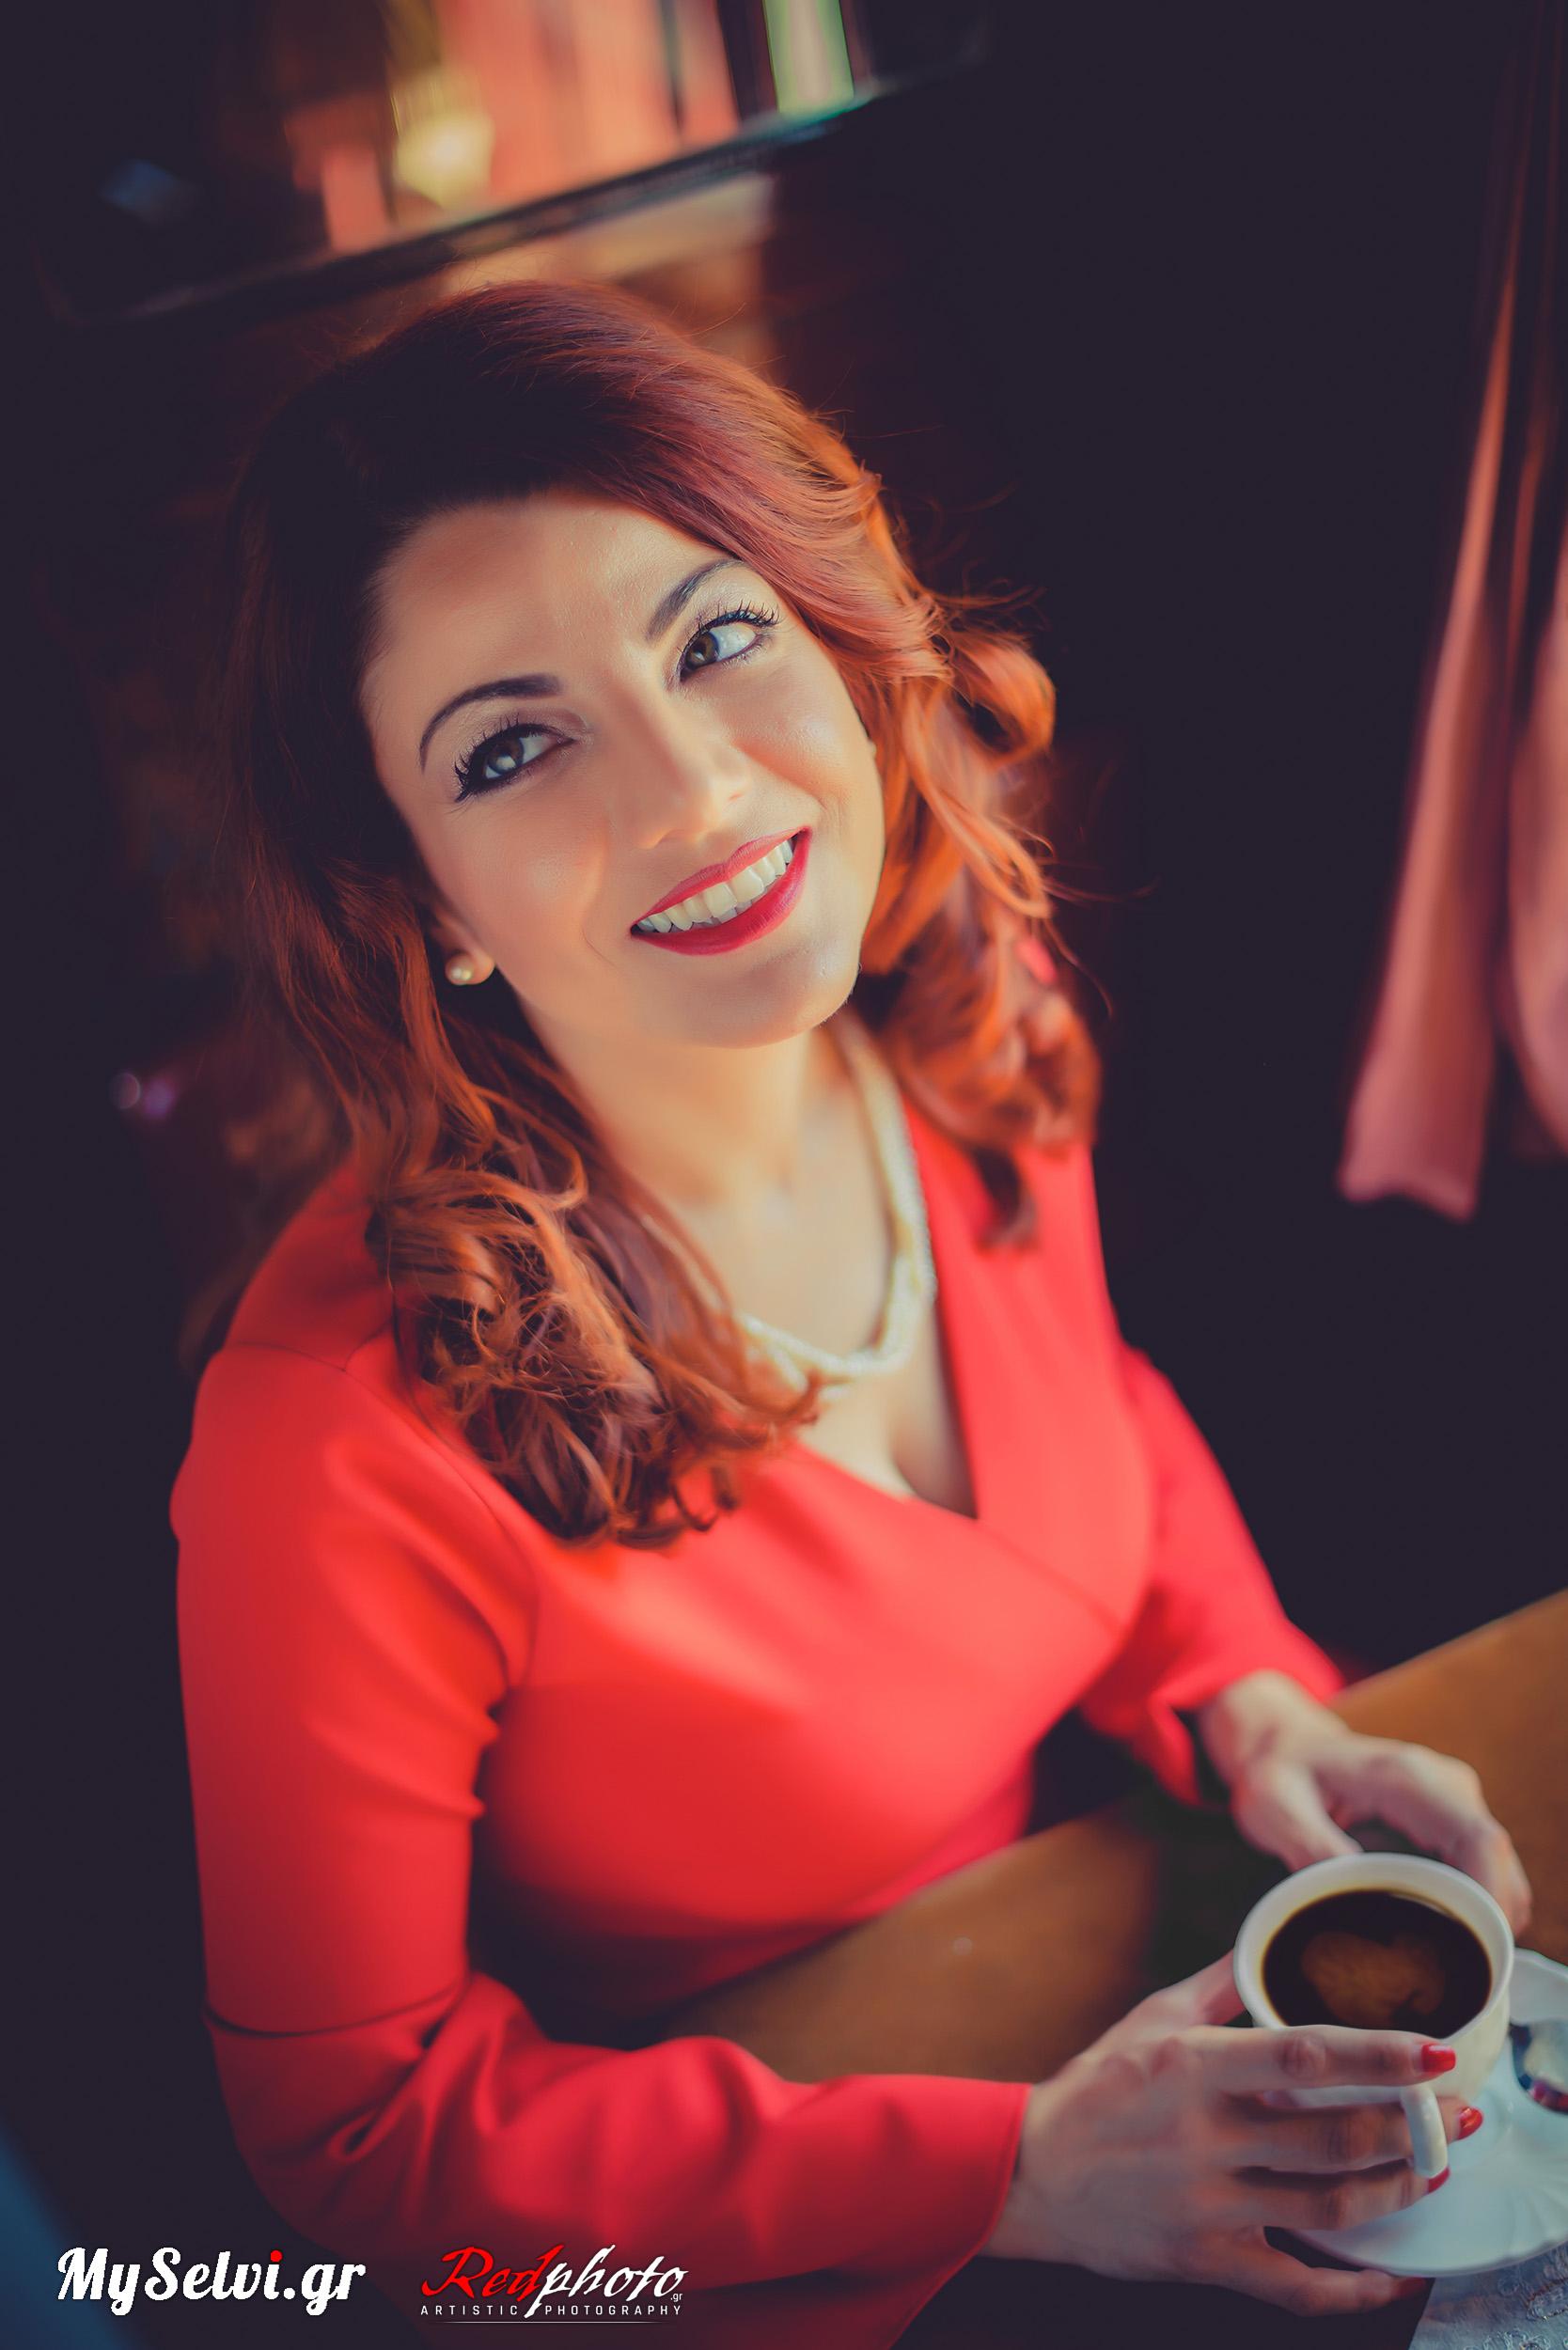 Συνέντευξη: Σελβίρα Ταλιουρίδου